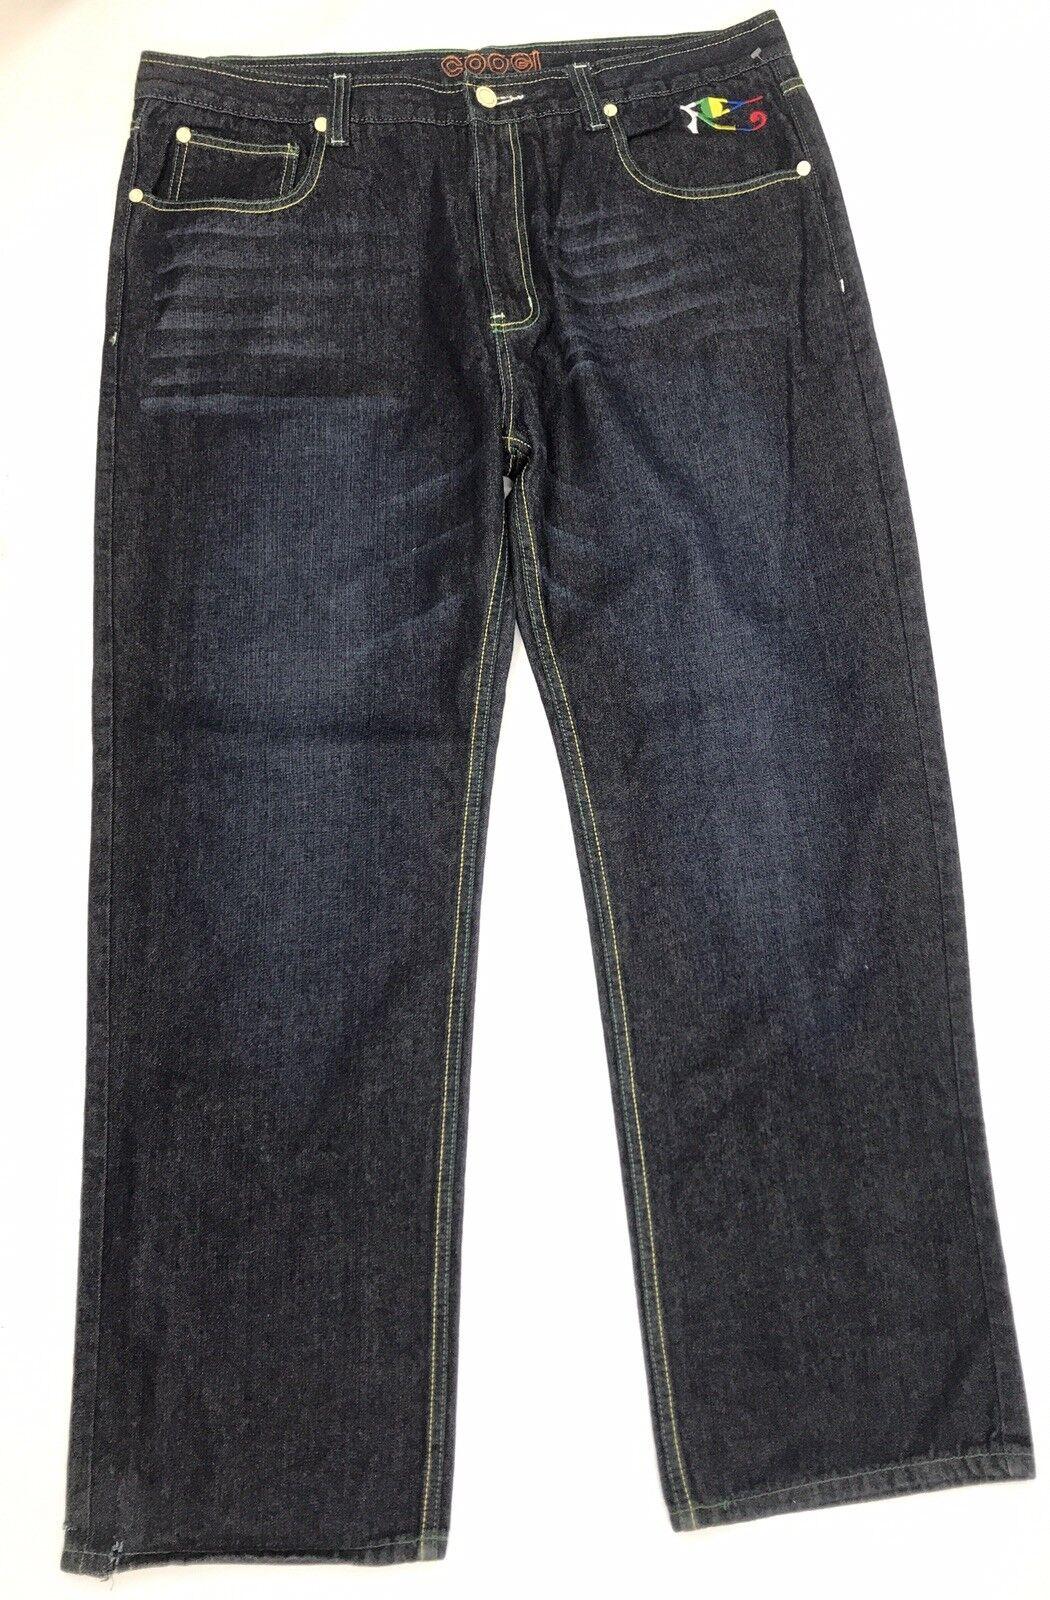 Coogi Men Jeans Dark bluee Denim Size 42 x 34